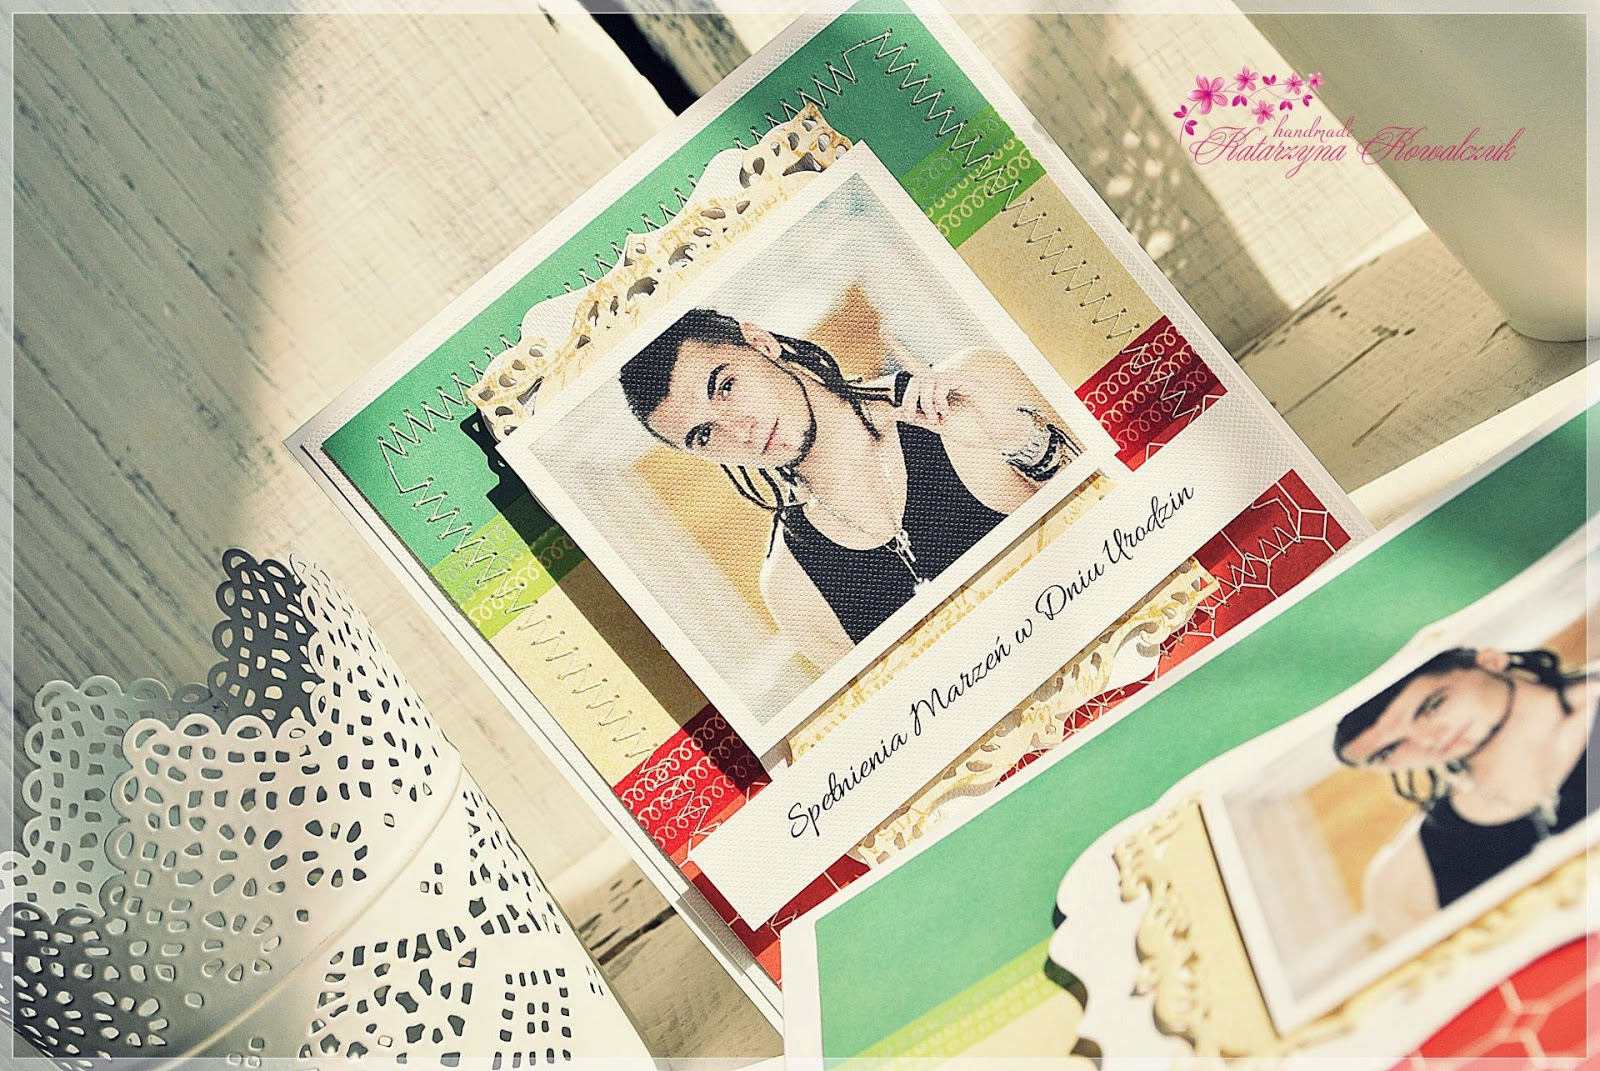 kartka urodzinowa, kamil bednarek scrapbooking, pudełko na zdjęcia